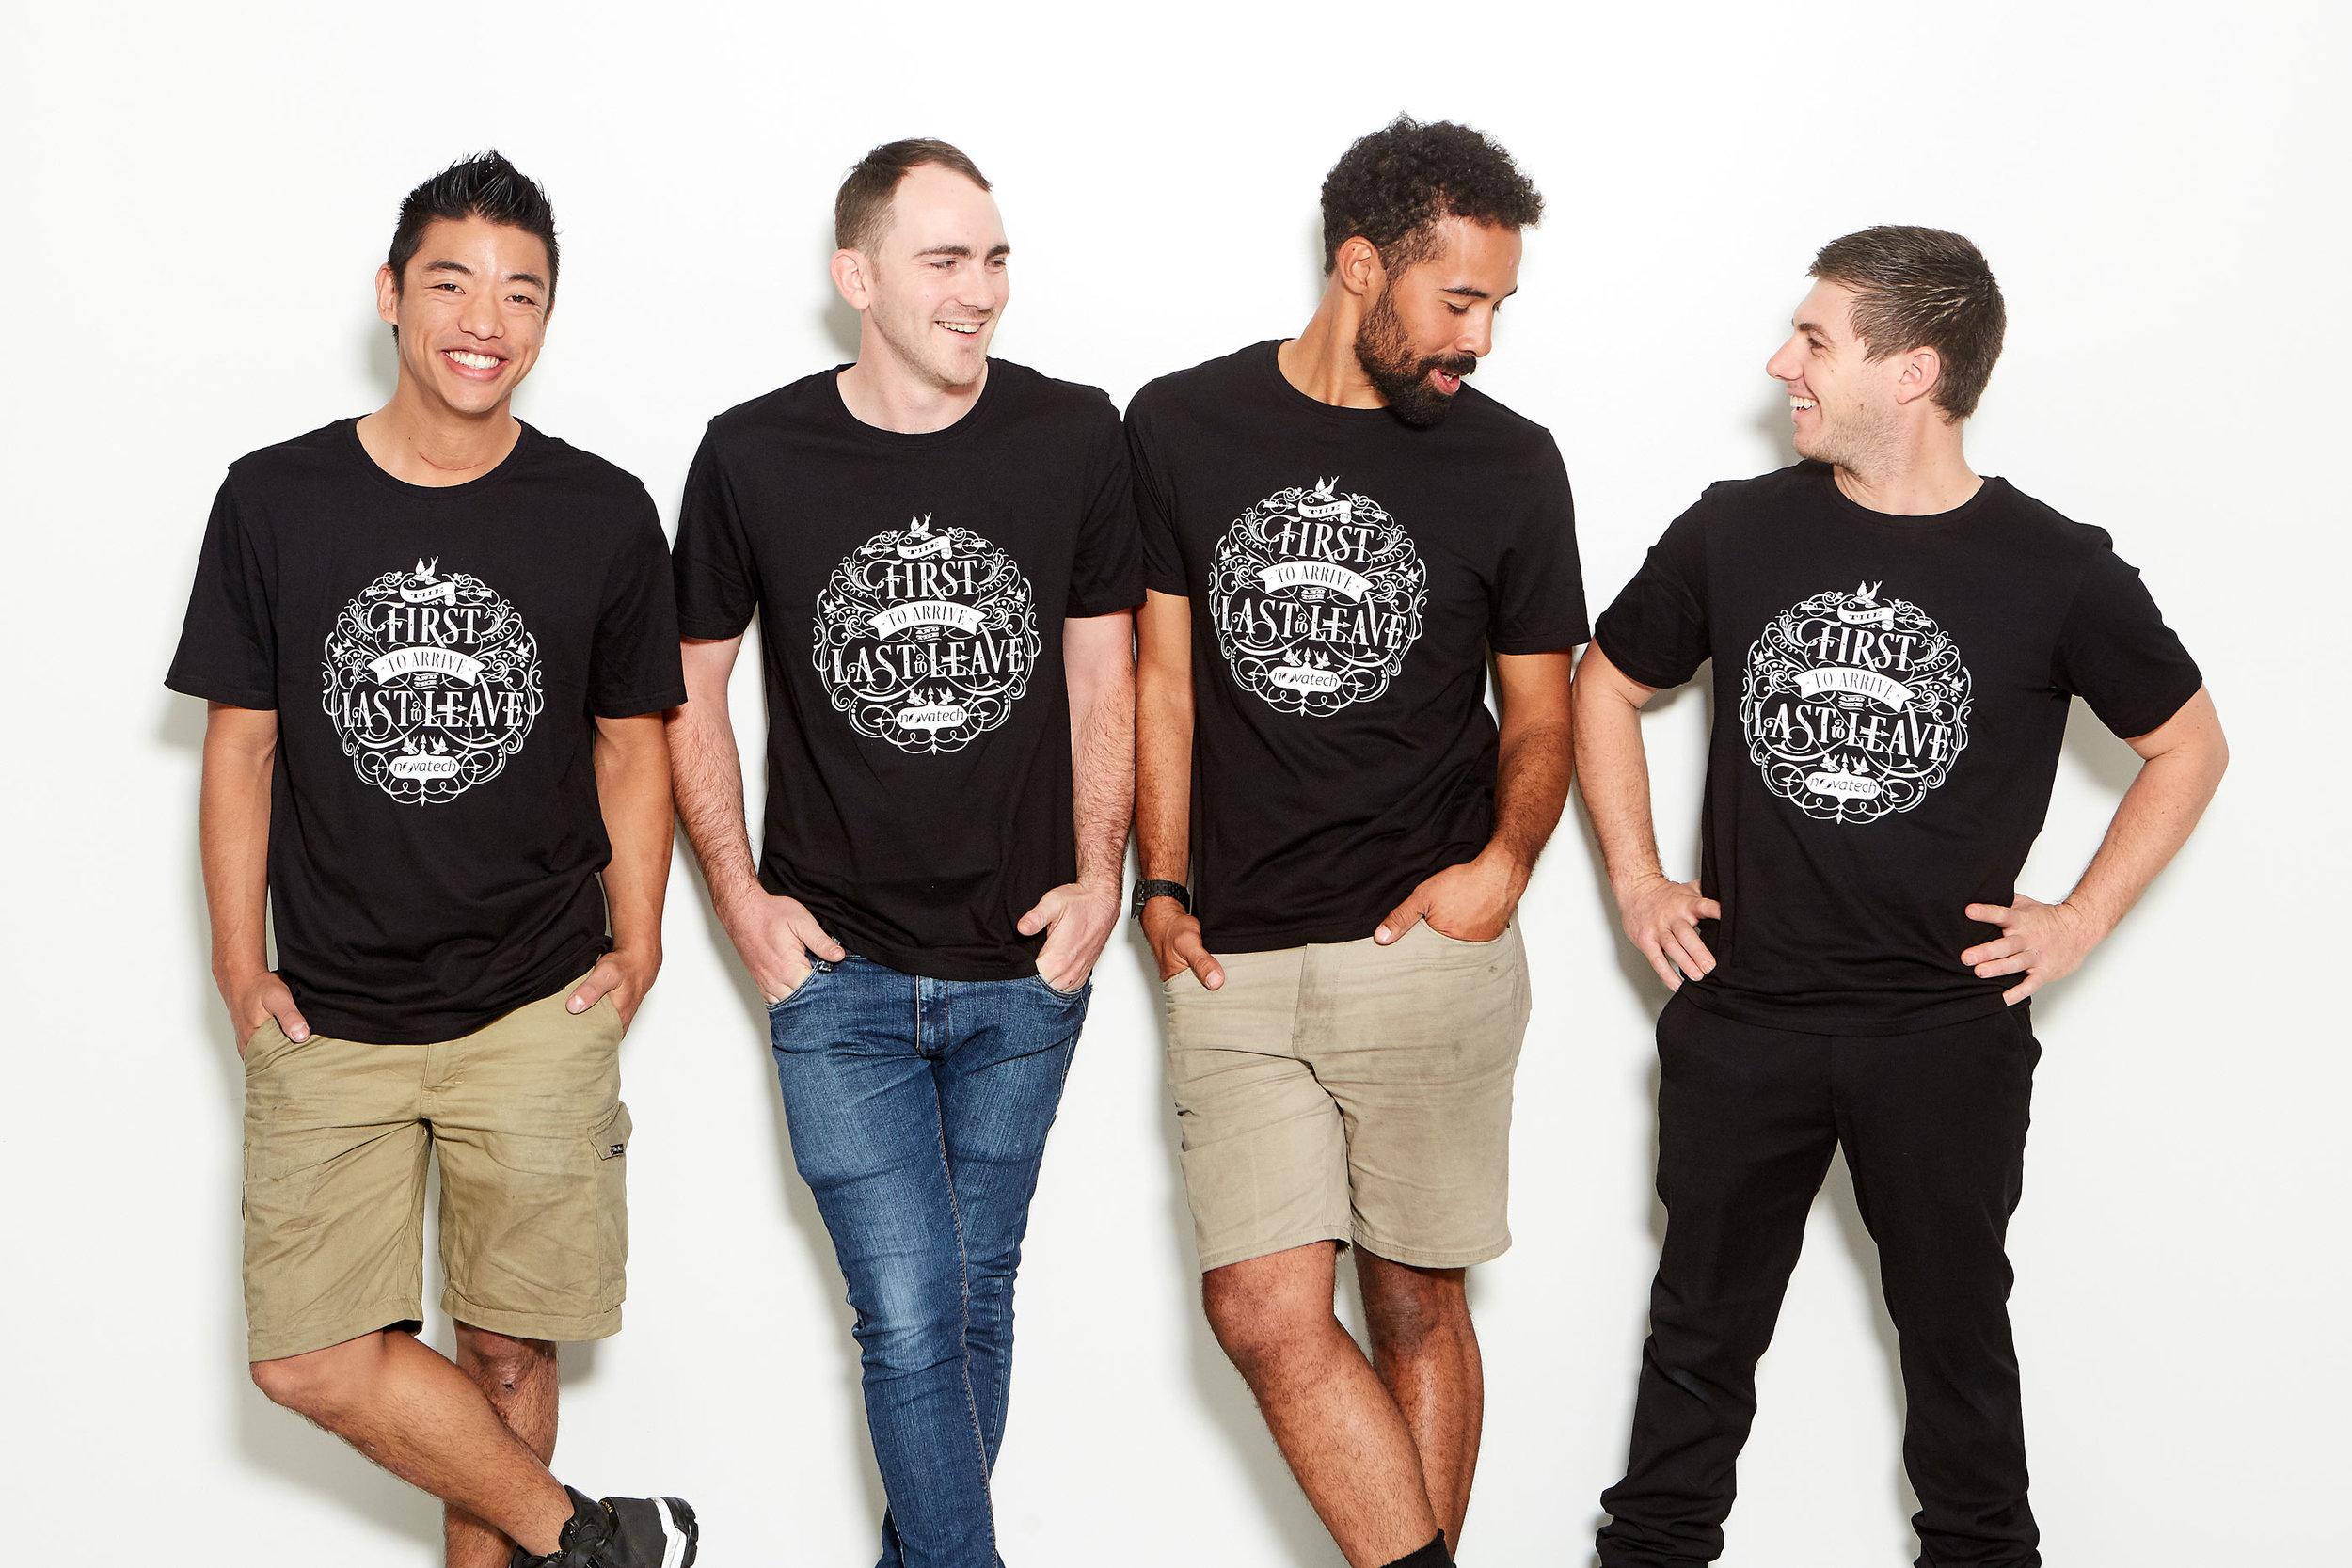 Novatech t-shirt design competition 2017